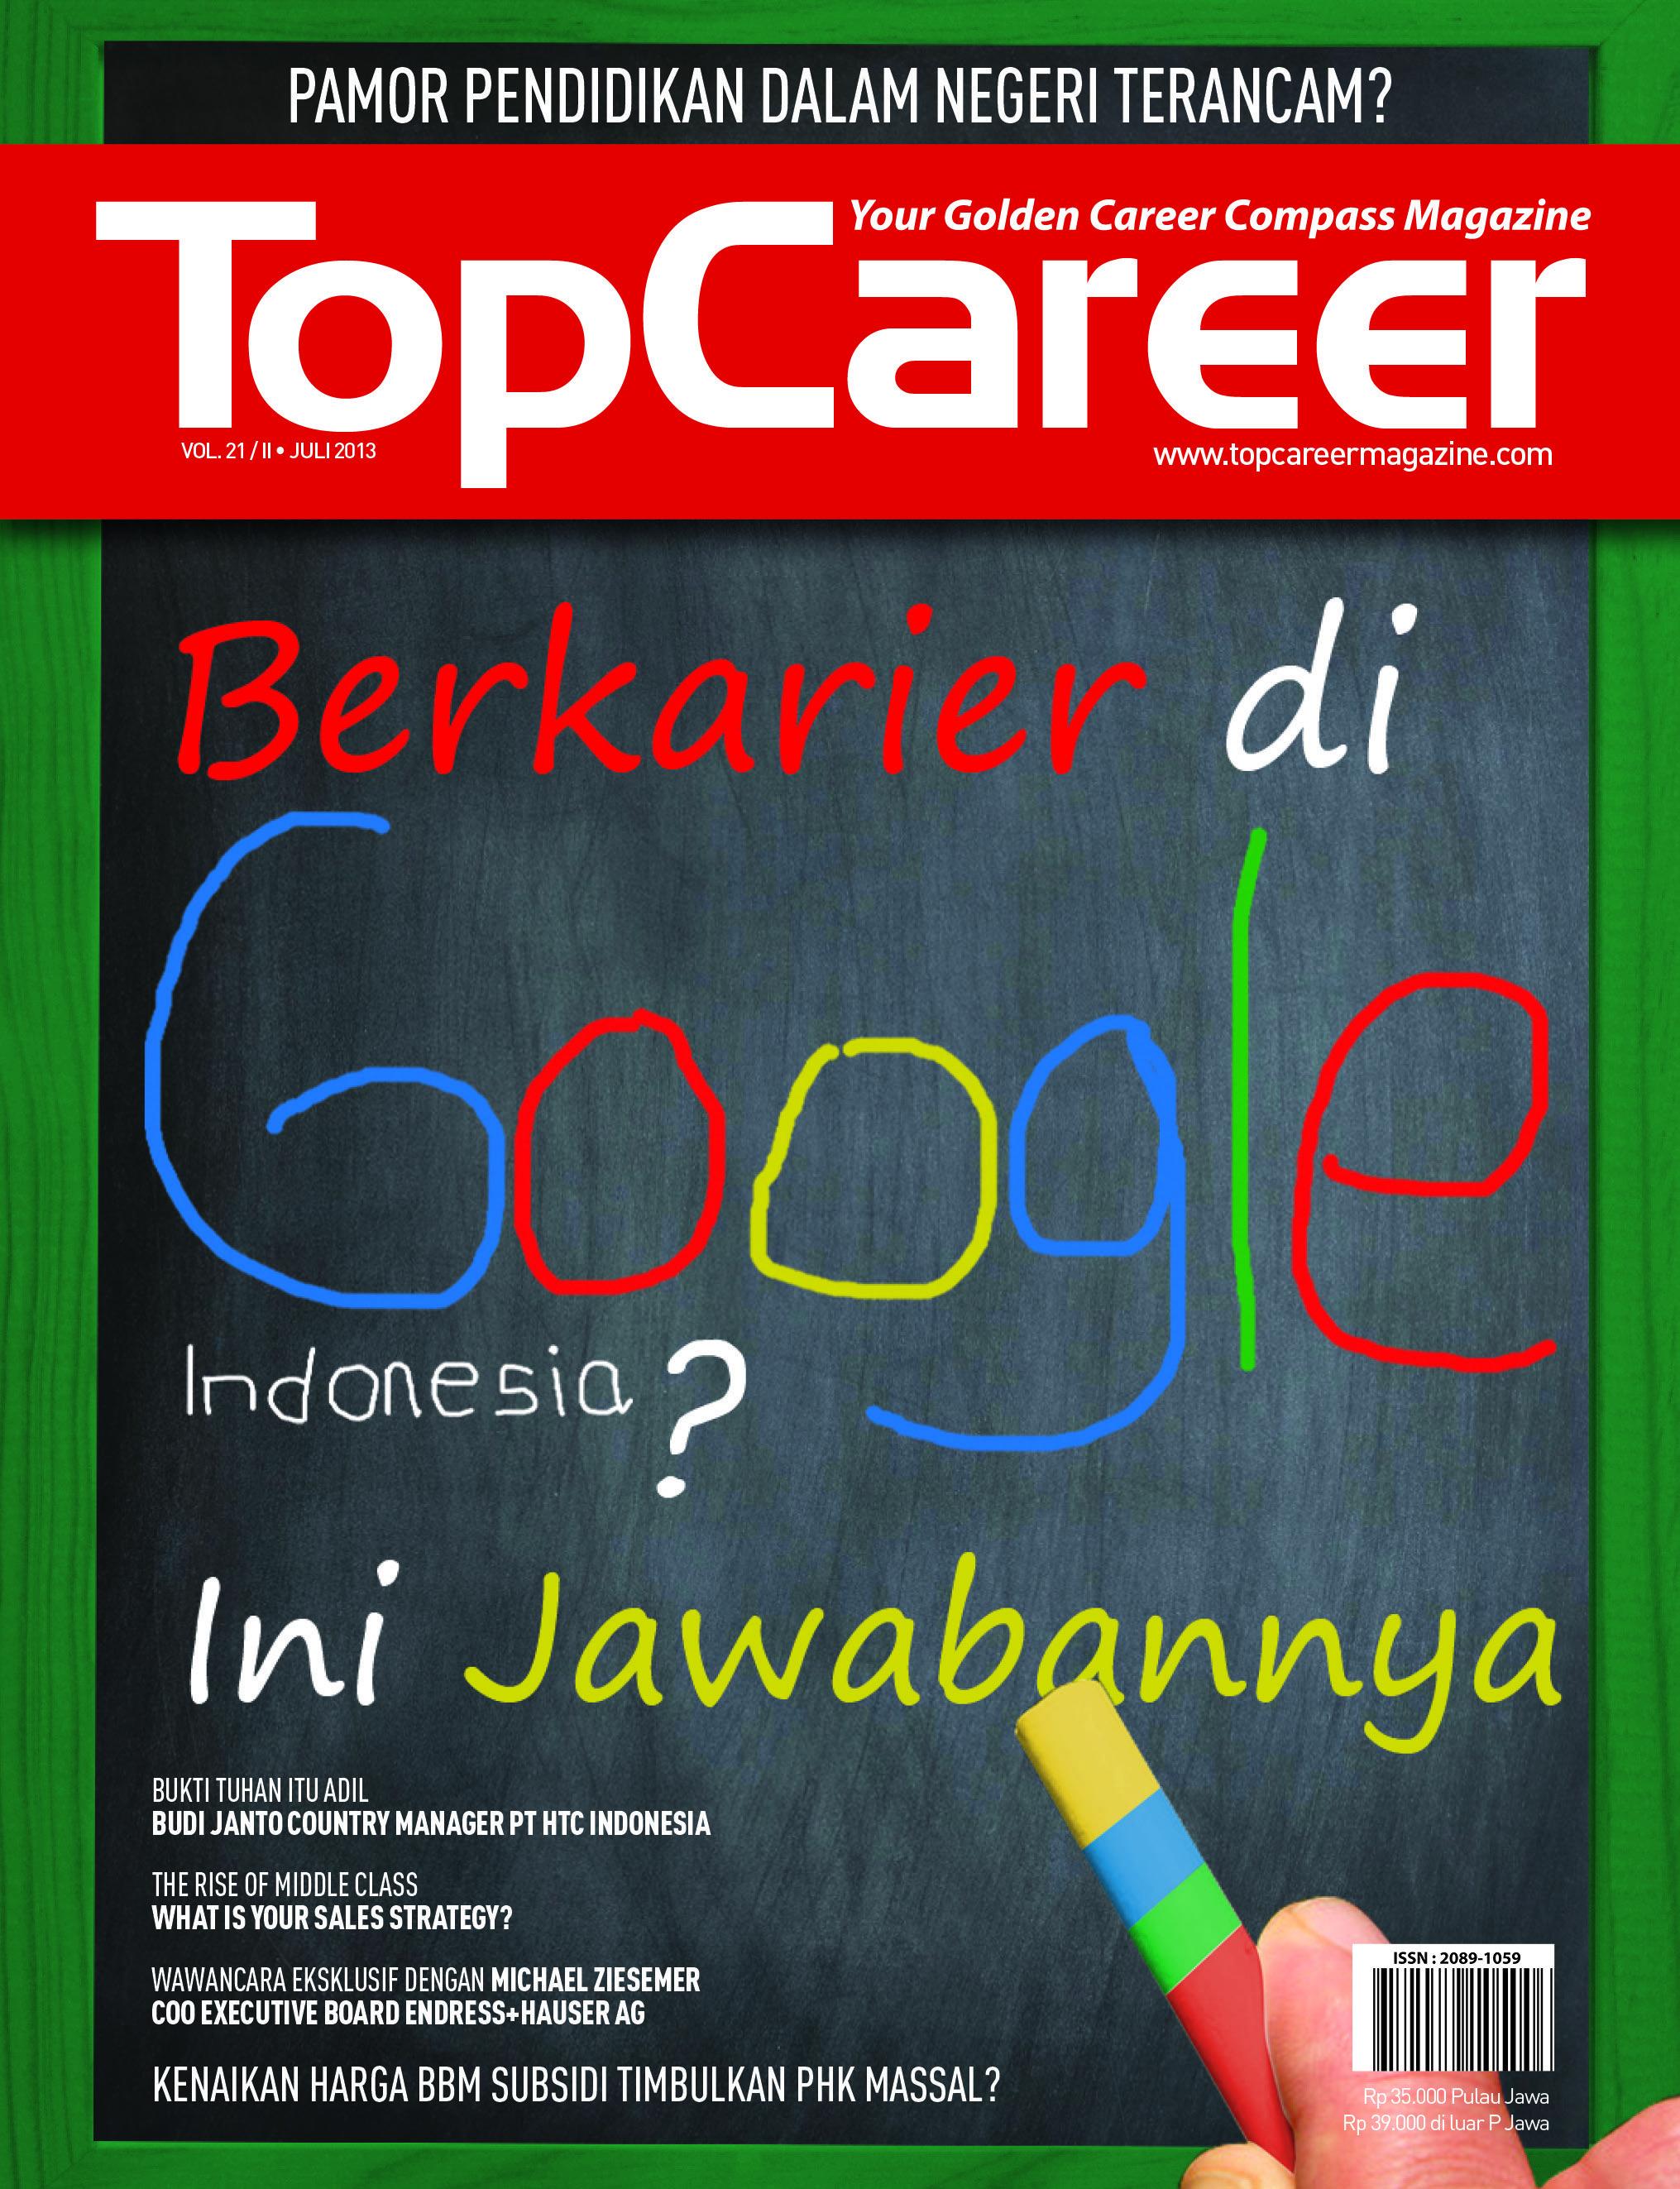 Cover Majalah Edisi.21 Berkarier Di Google Indonesia